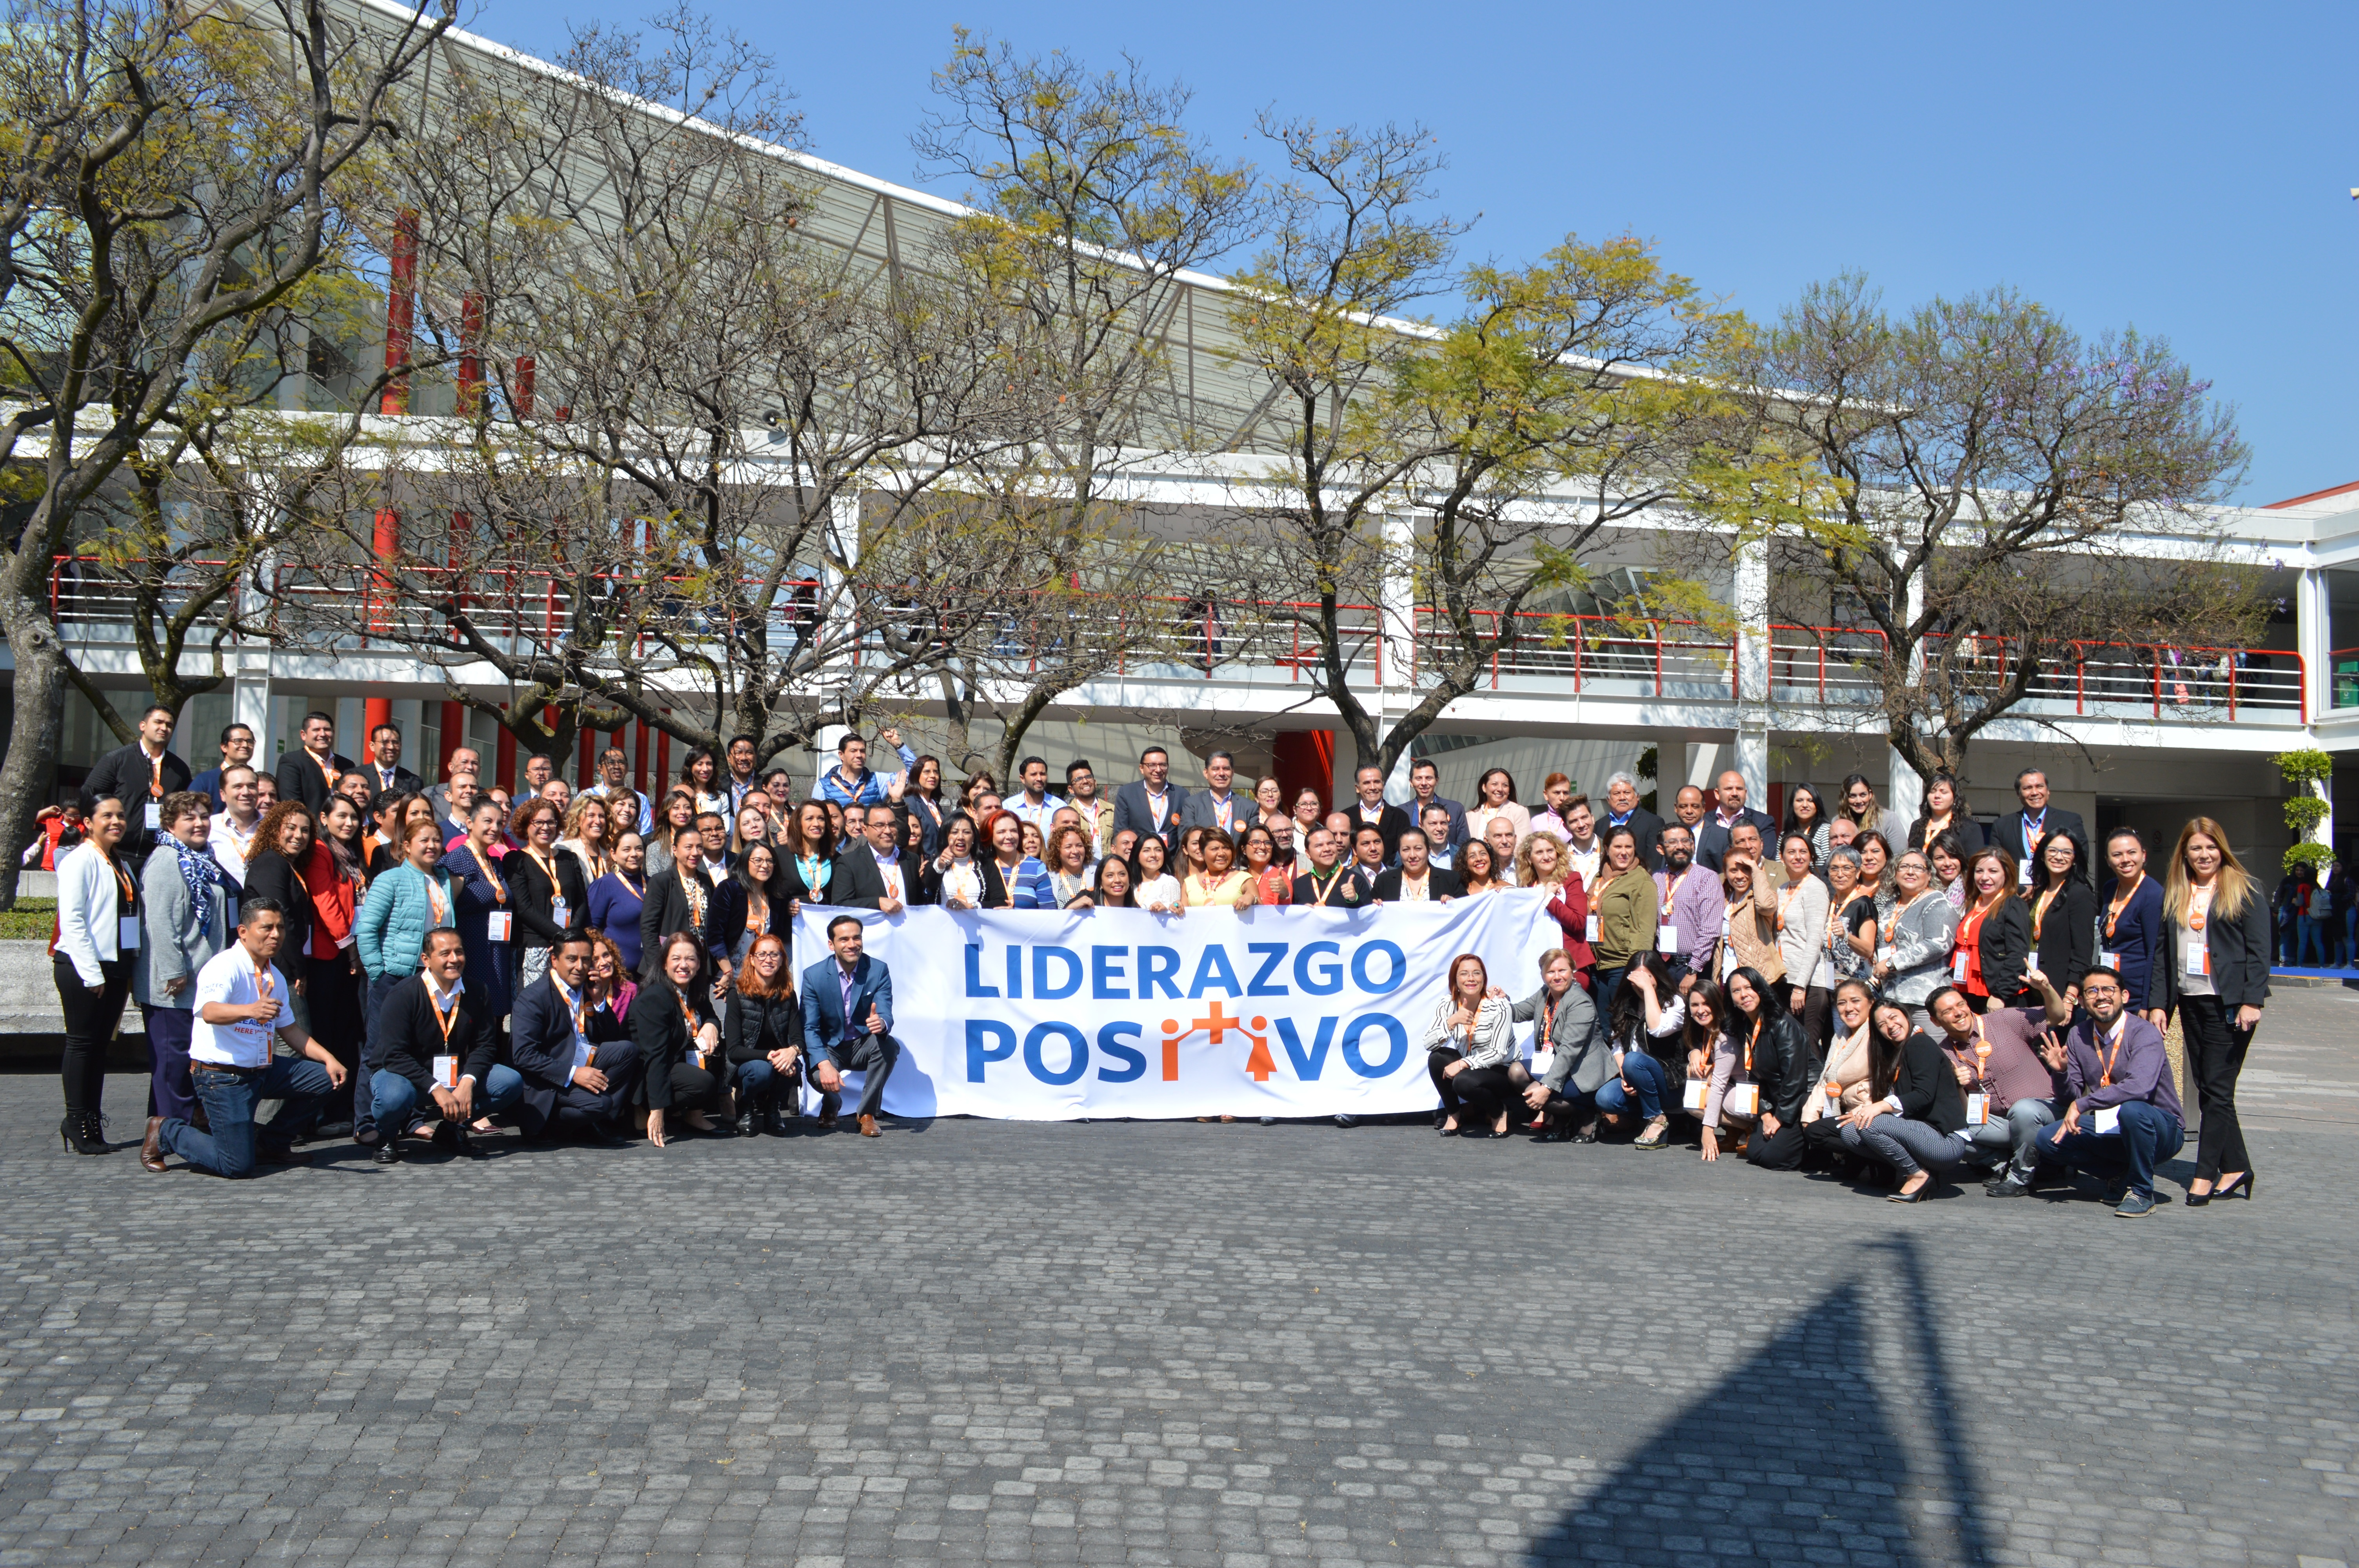 Laureate: ejemplo de Liderazgo Positivo - Featured Image